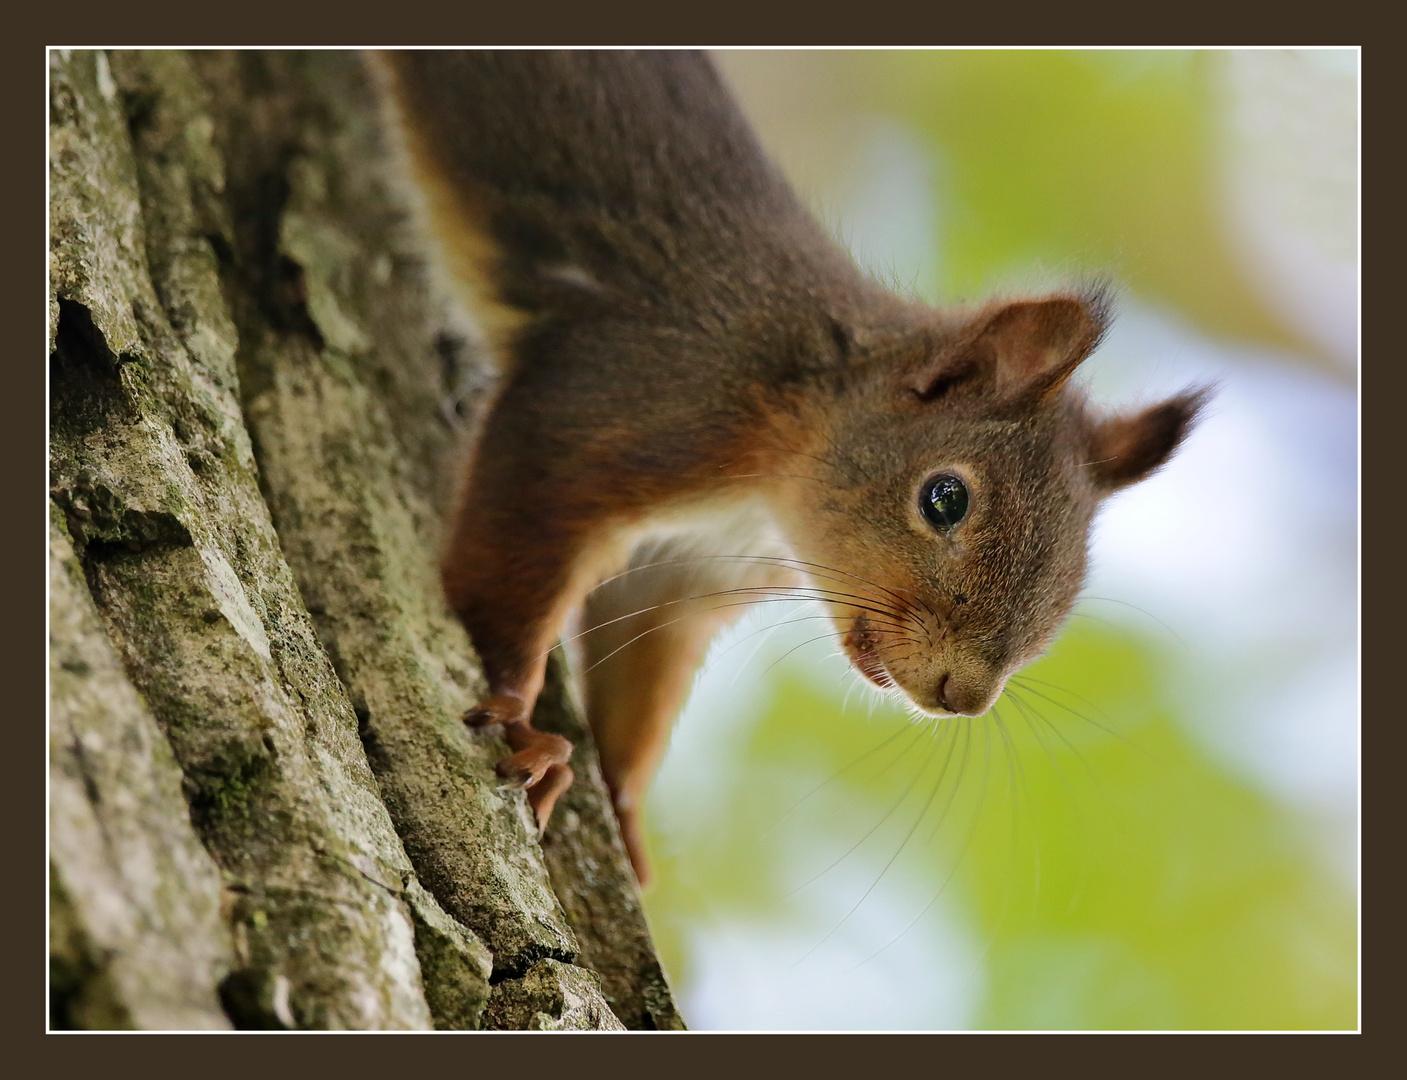 Wieder mal ein Eichhörnchen